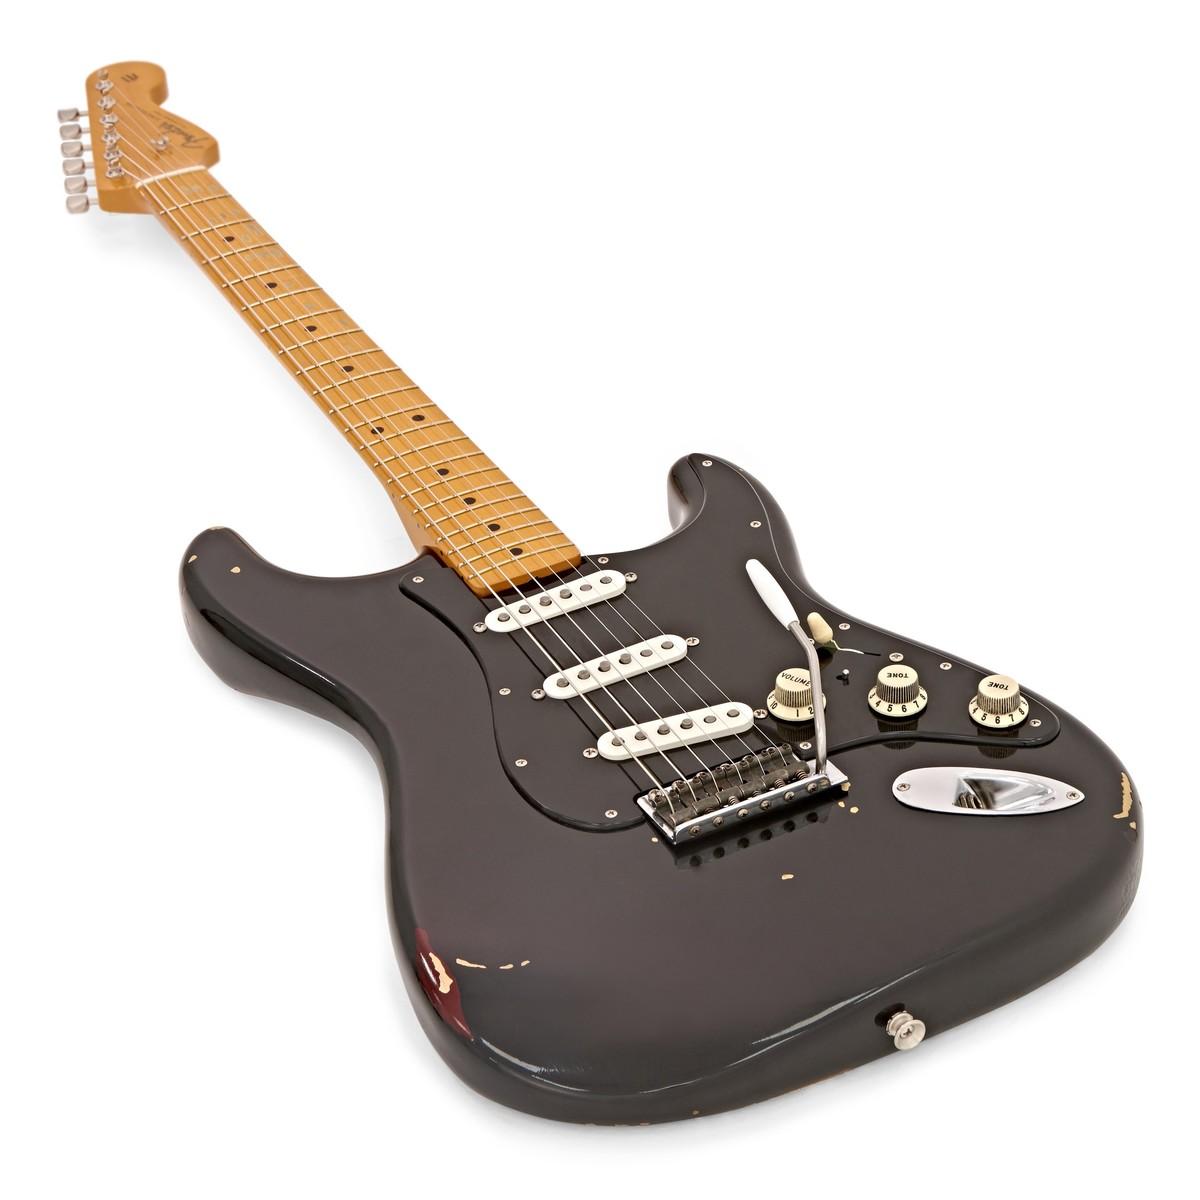 David Gilmour Stratocaster : fender custom shop david gilmour relic stratocaster at gear4music ~ Russianpoet.info Haus und Dekorationen